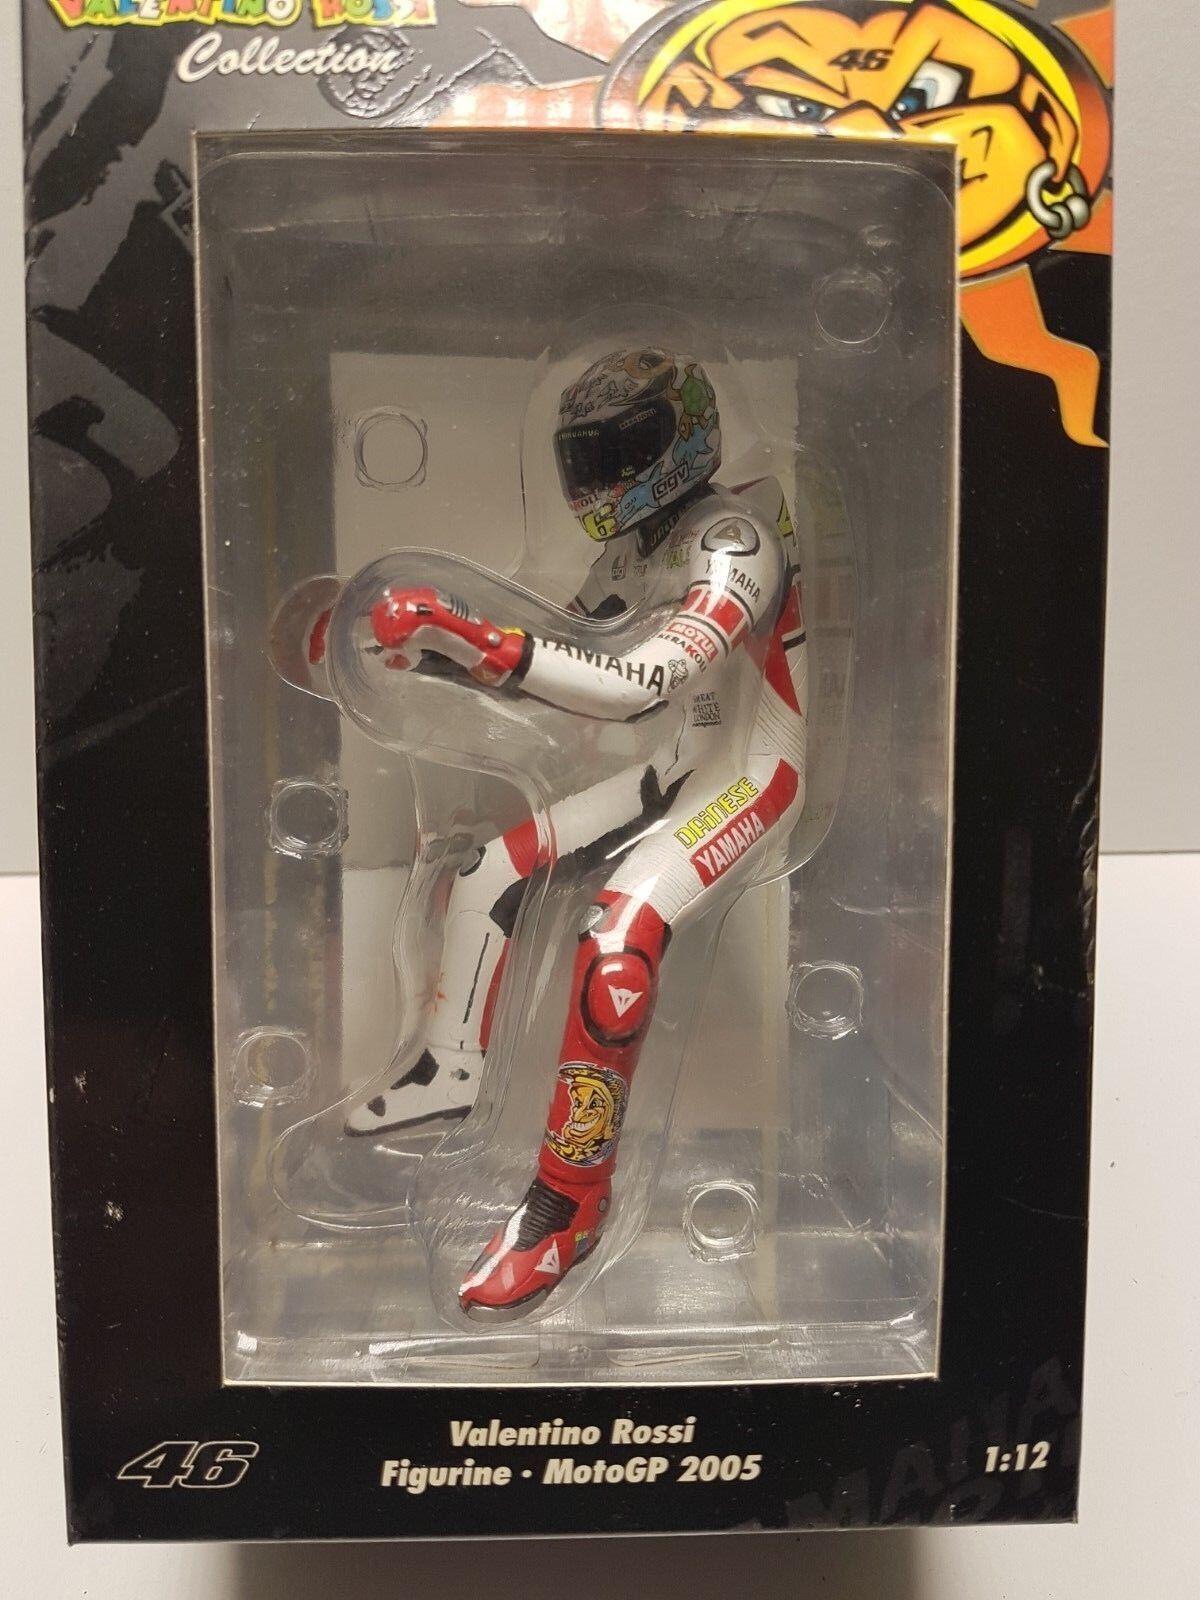 V. rossi sitting figurine moto gp 2005 1 12  minichamps 312050086  jusqu'à 42% de réduction